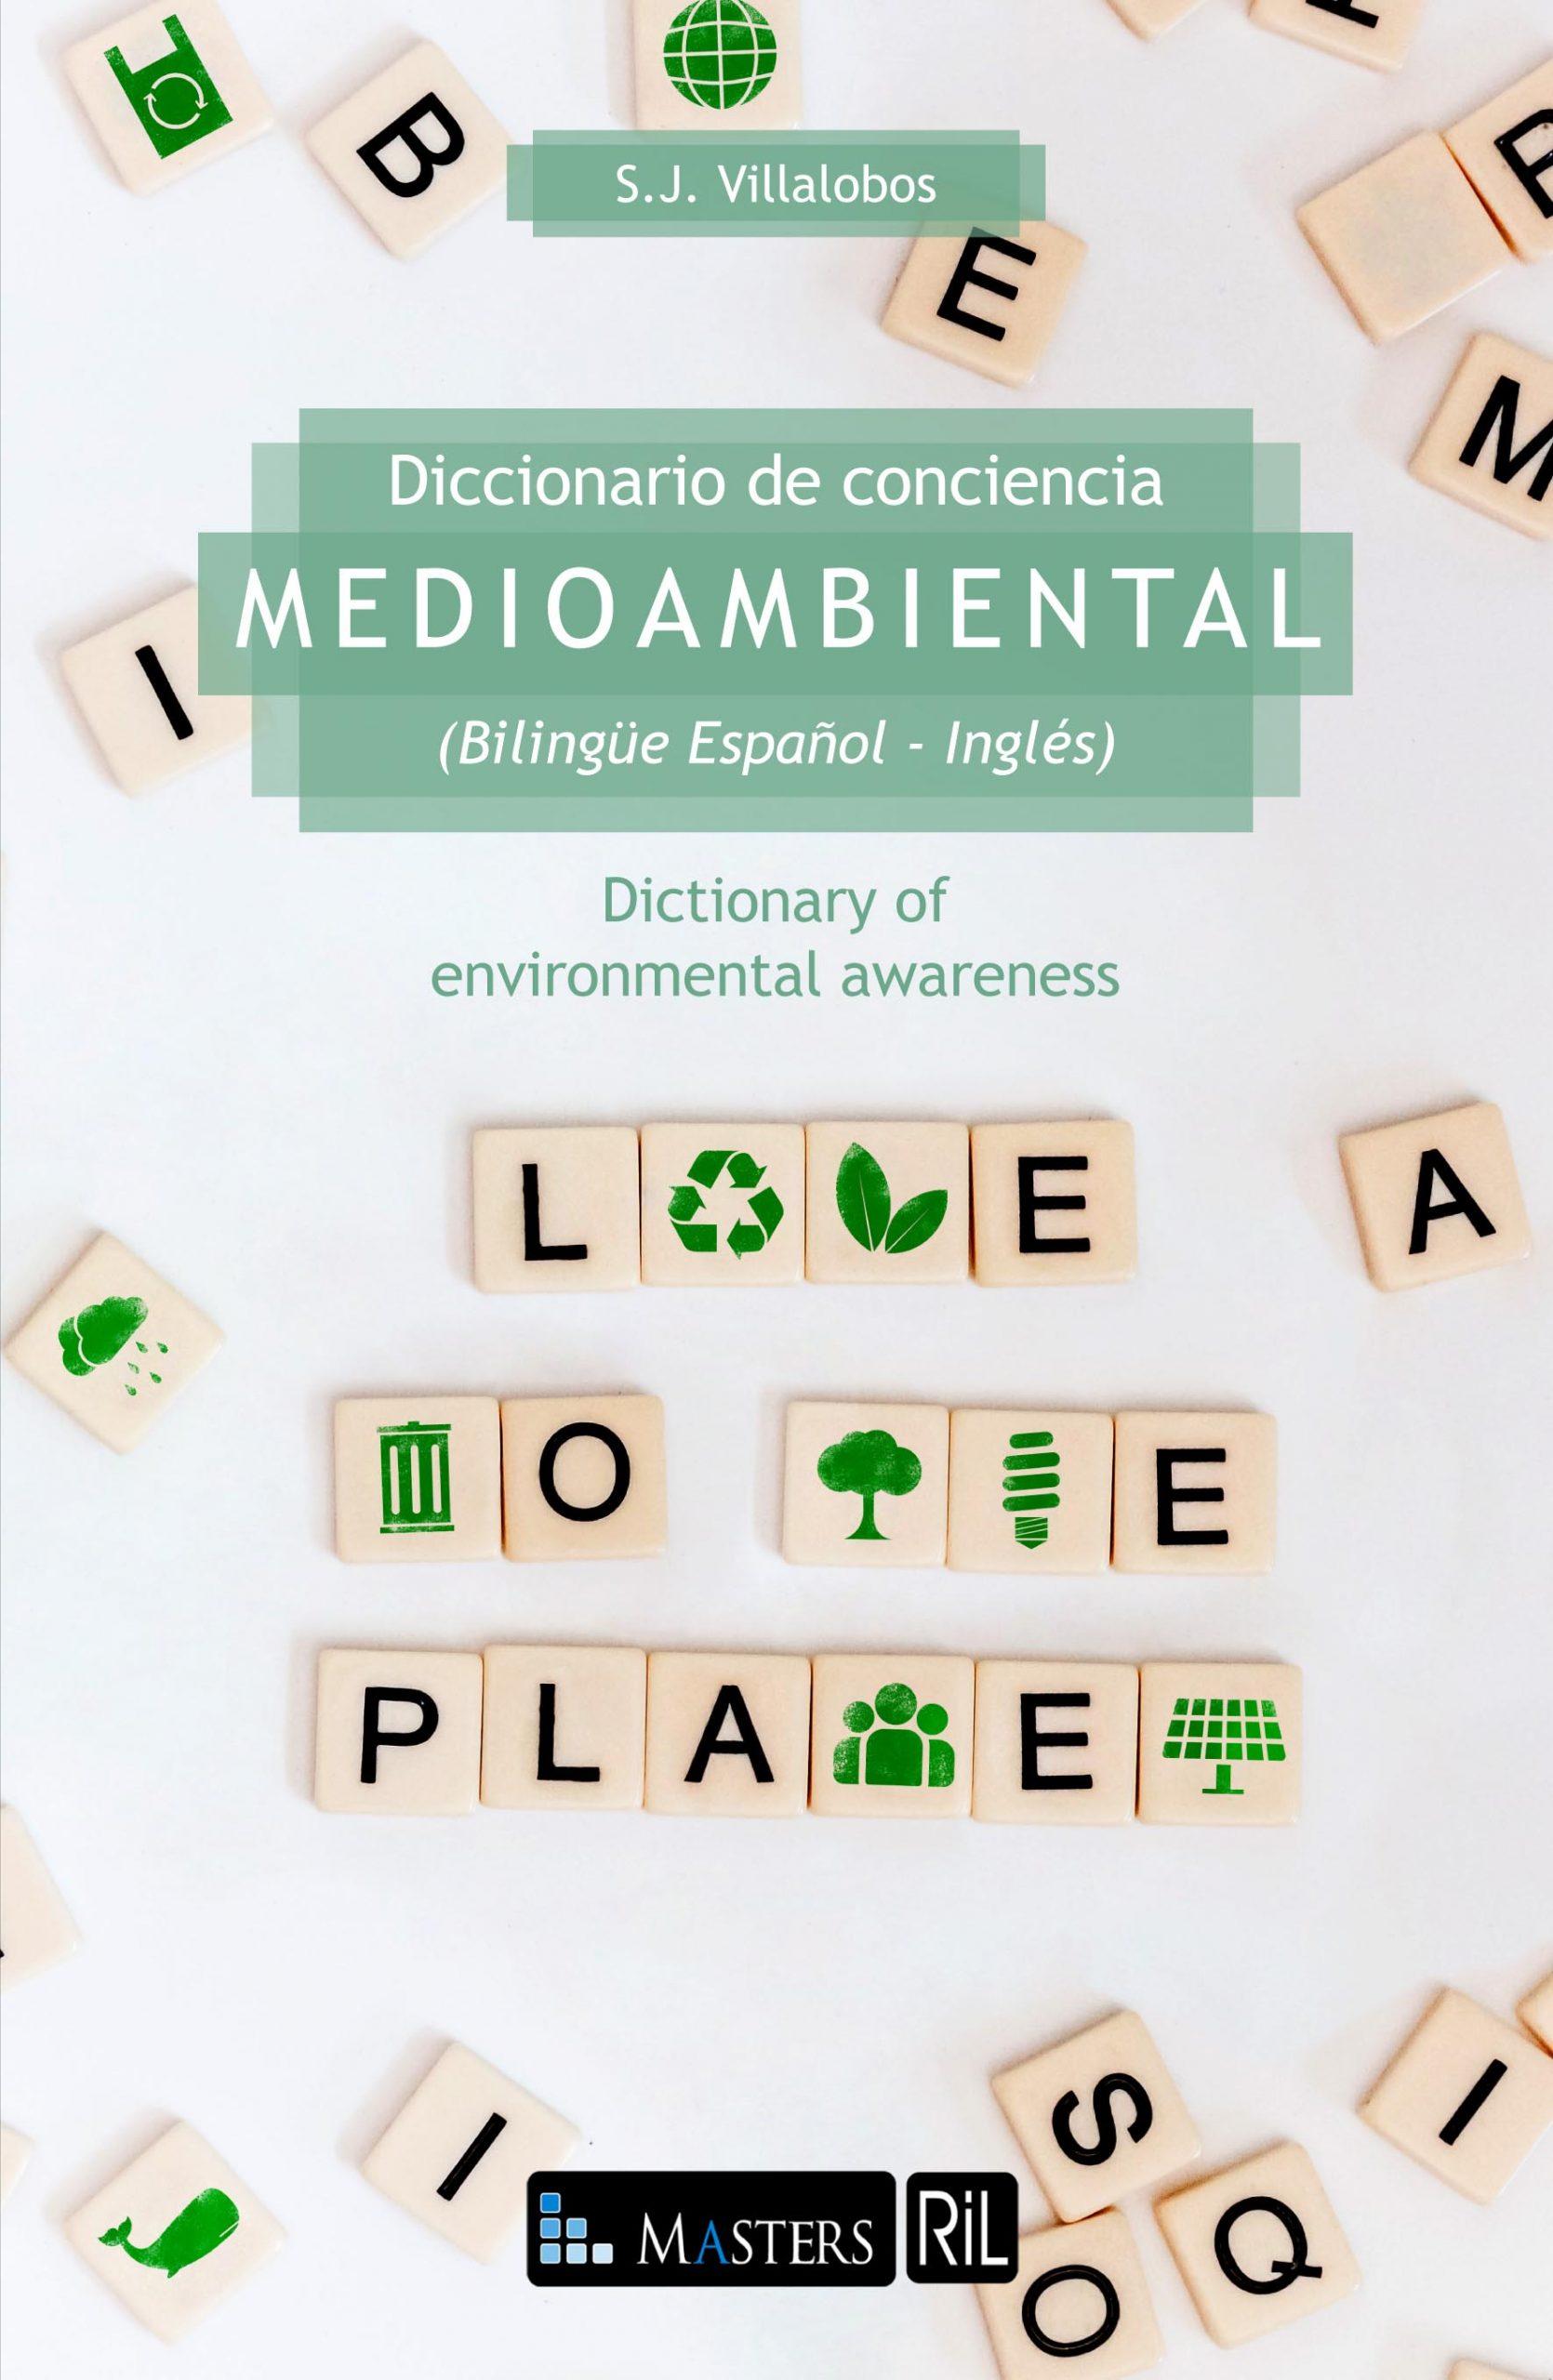 9788418065828 - Villalobos - 2021 - Diccionario de conciencia medioambiental-1